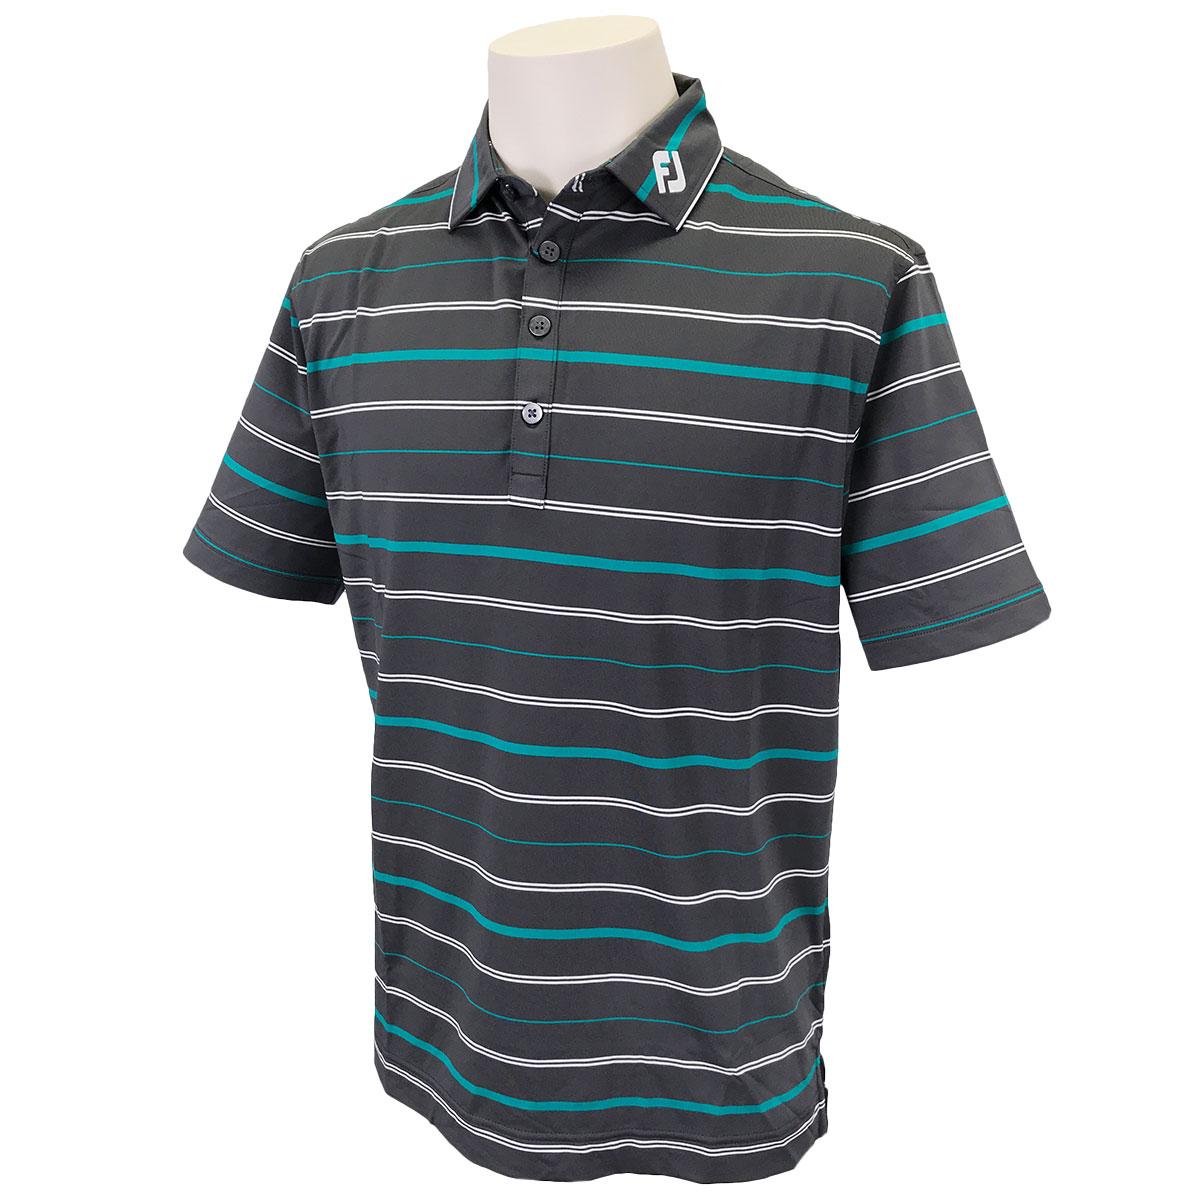 オープンストライプ ストレッチ 半袖ライルポロシャツ